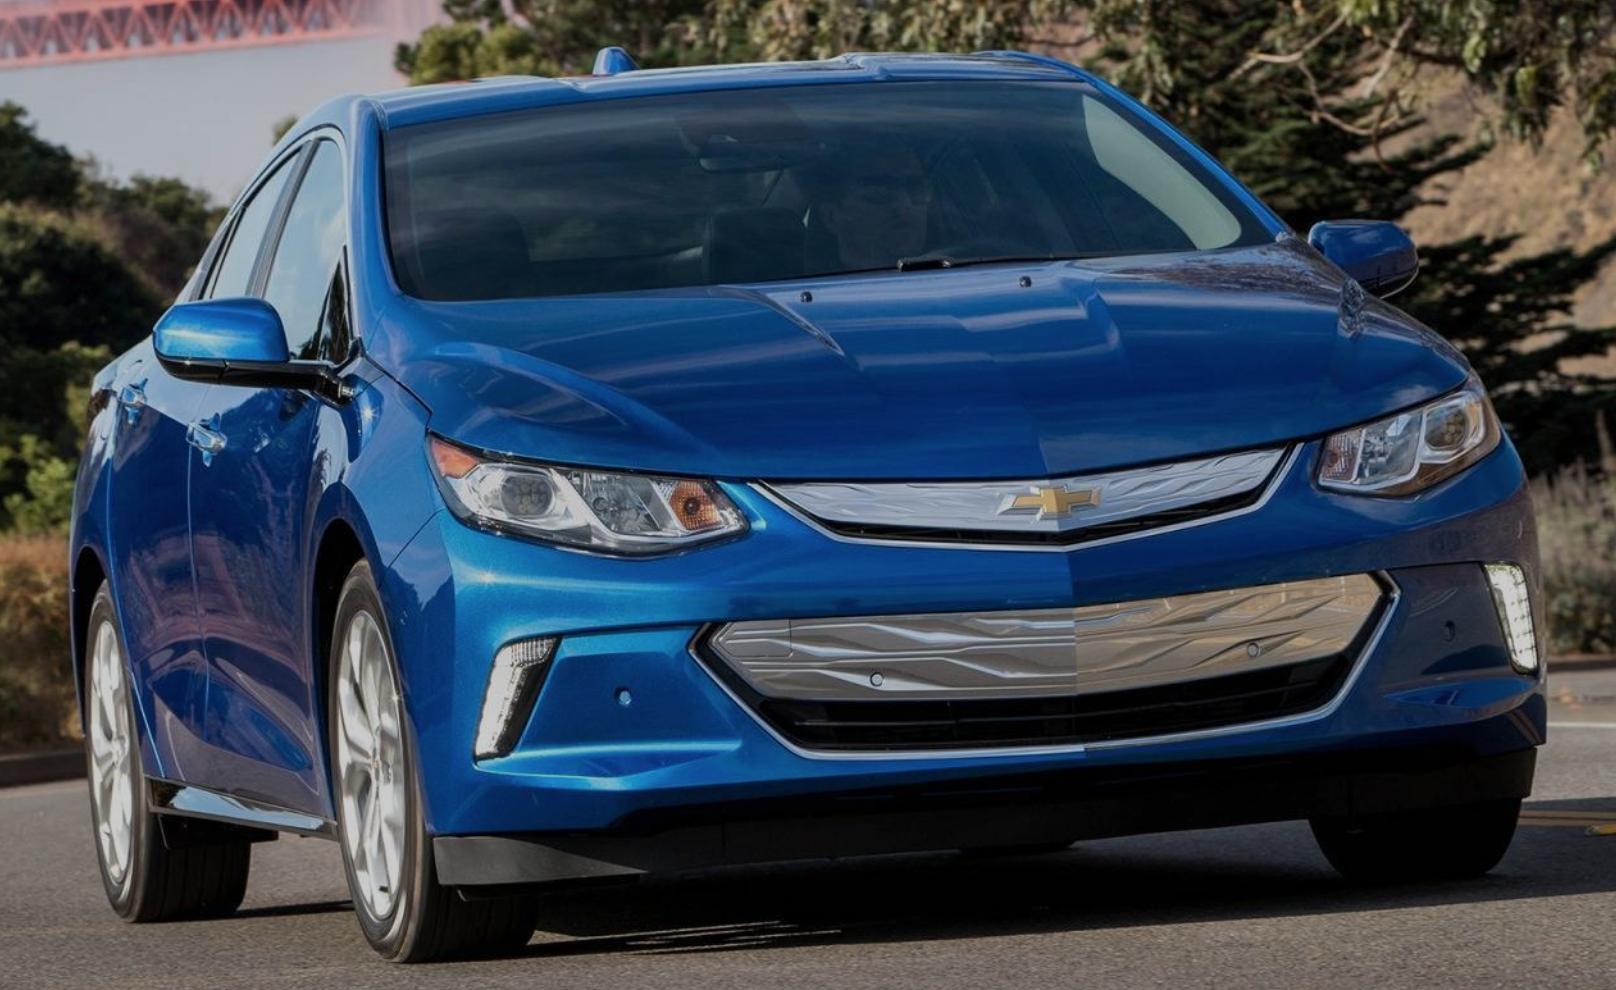 2017 Chevrolet Volt Exterior Front